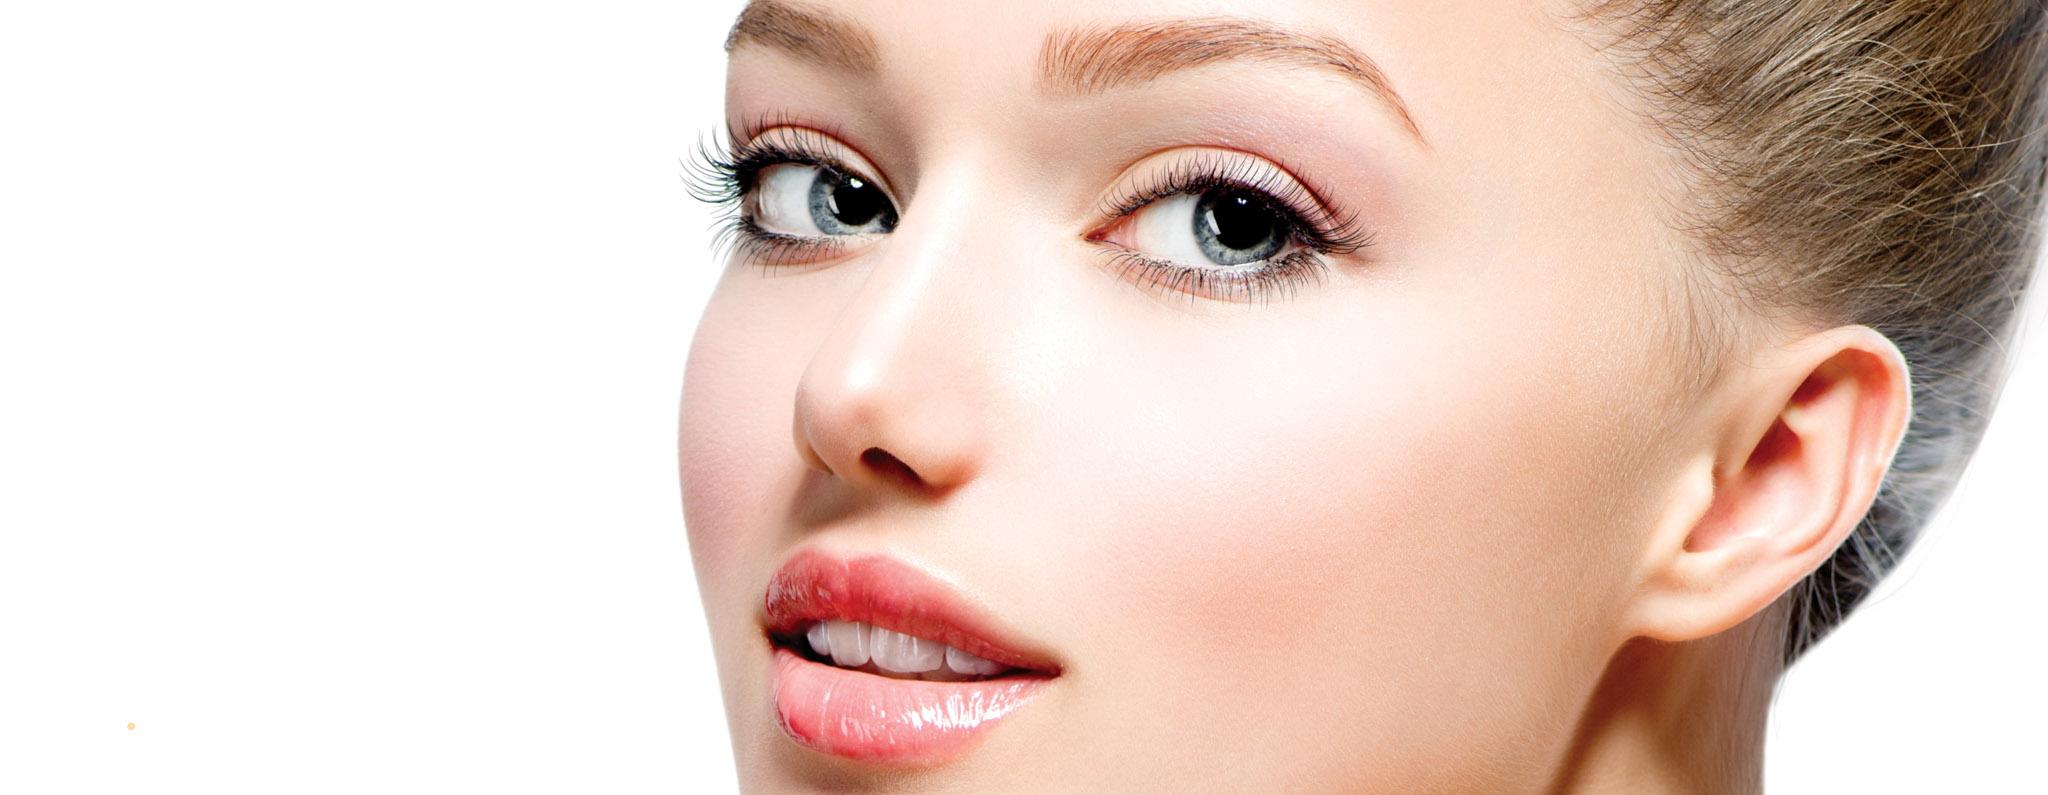 Bilder VU Header Photography 02 Kosmetik - Beauty